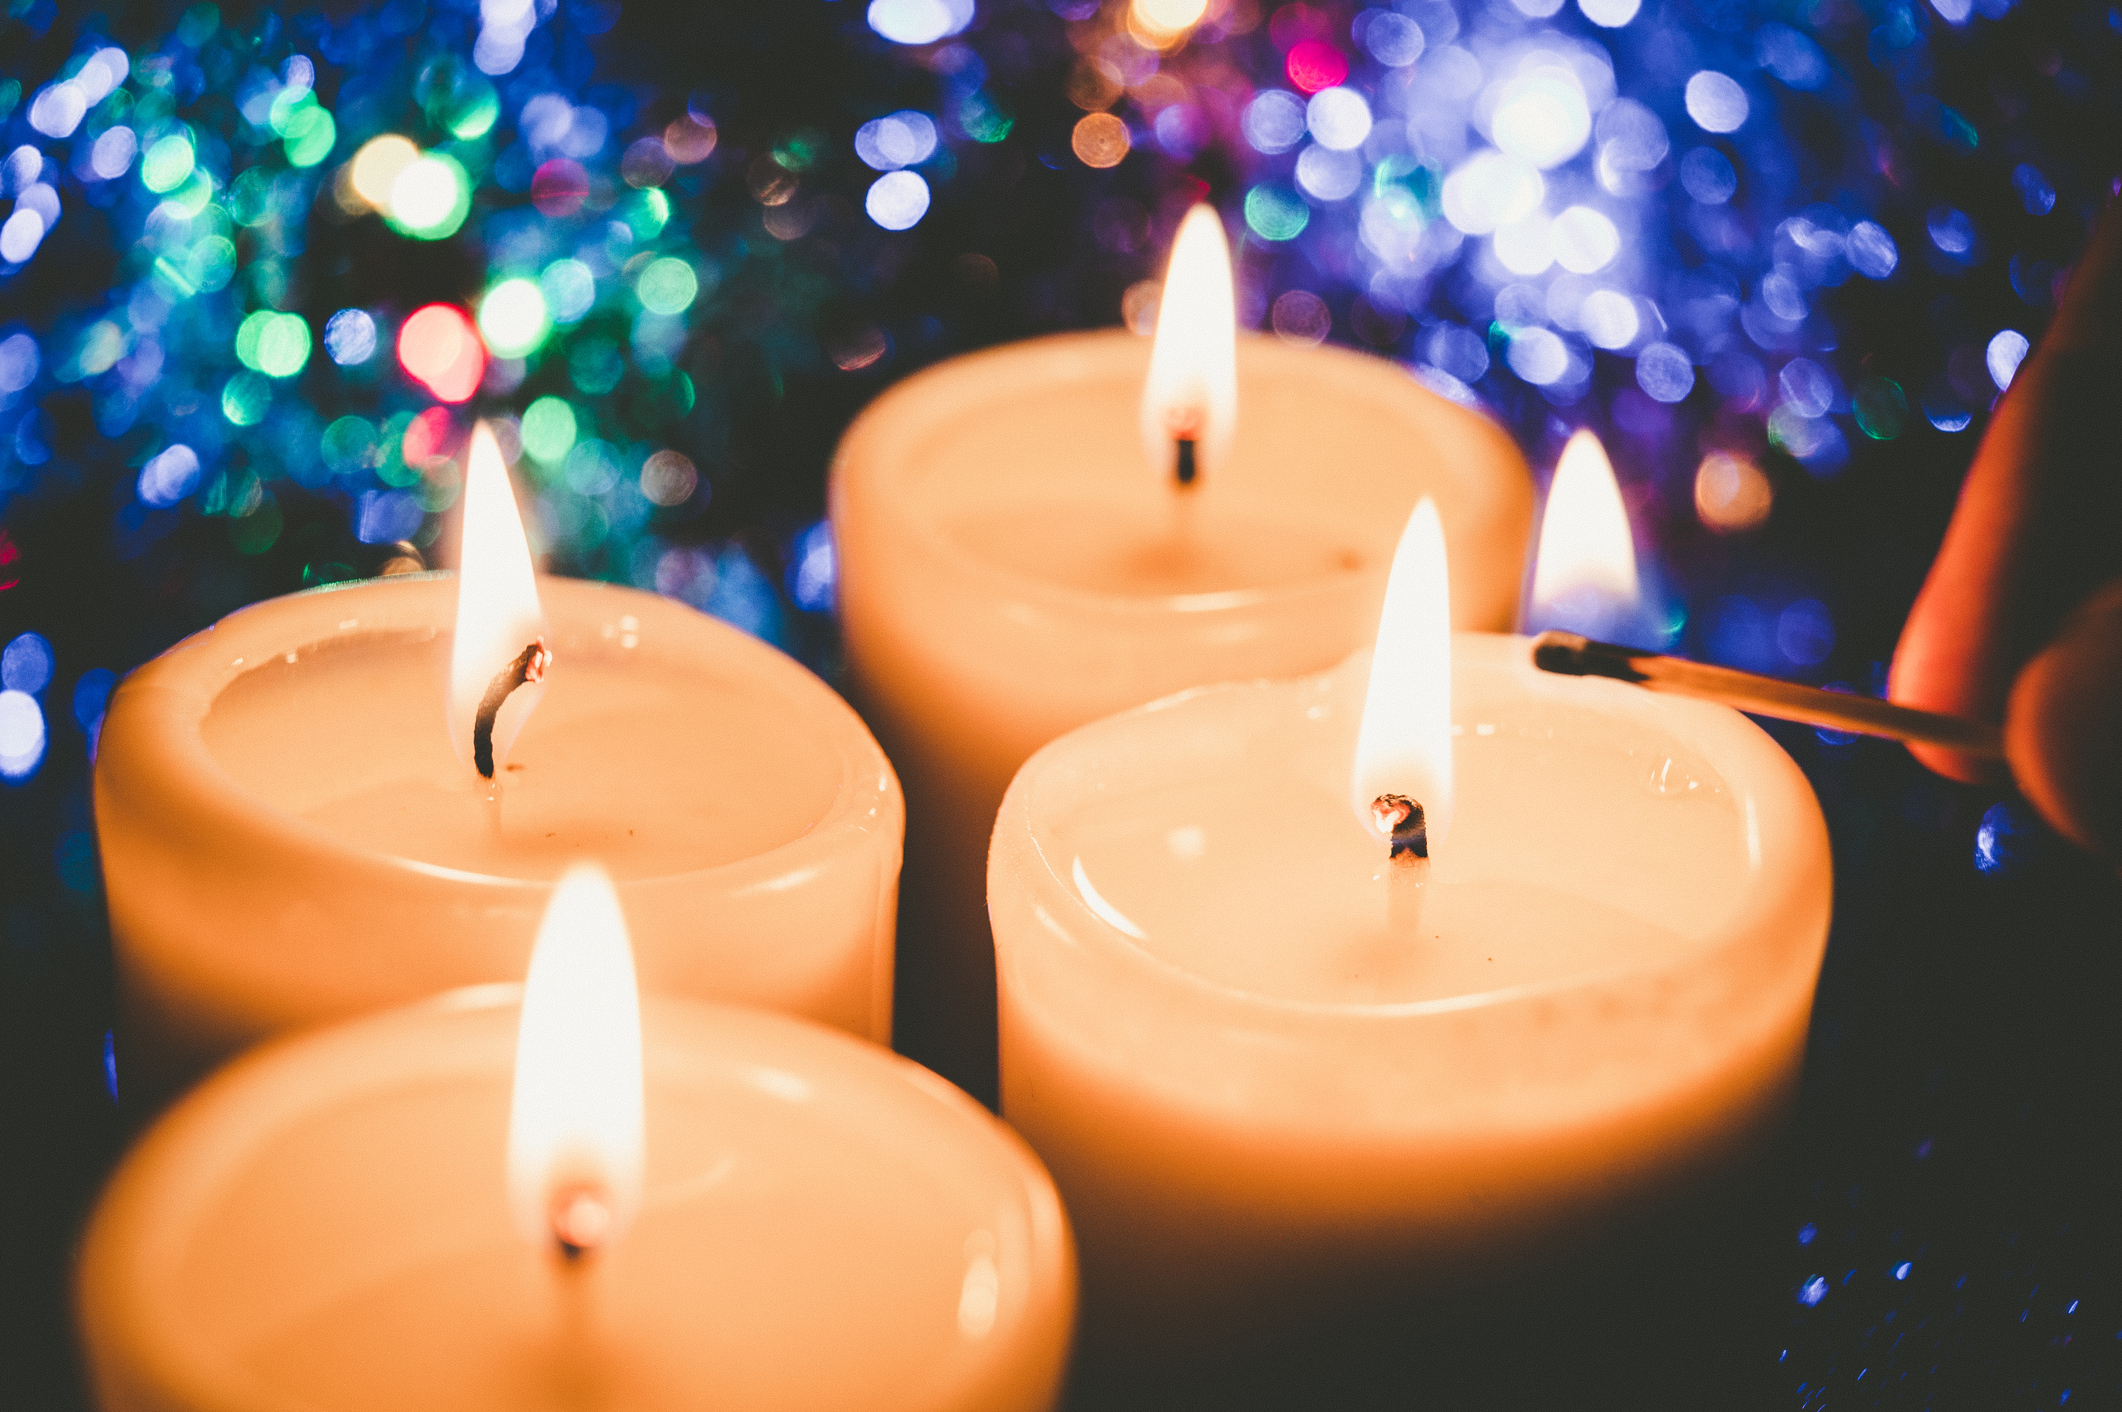 Postul Crăciunului 2020. Tradiții și superstiții. Ce nu trebuie să faci în post